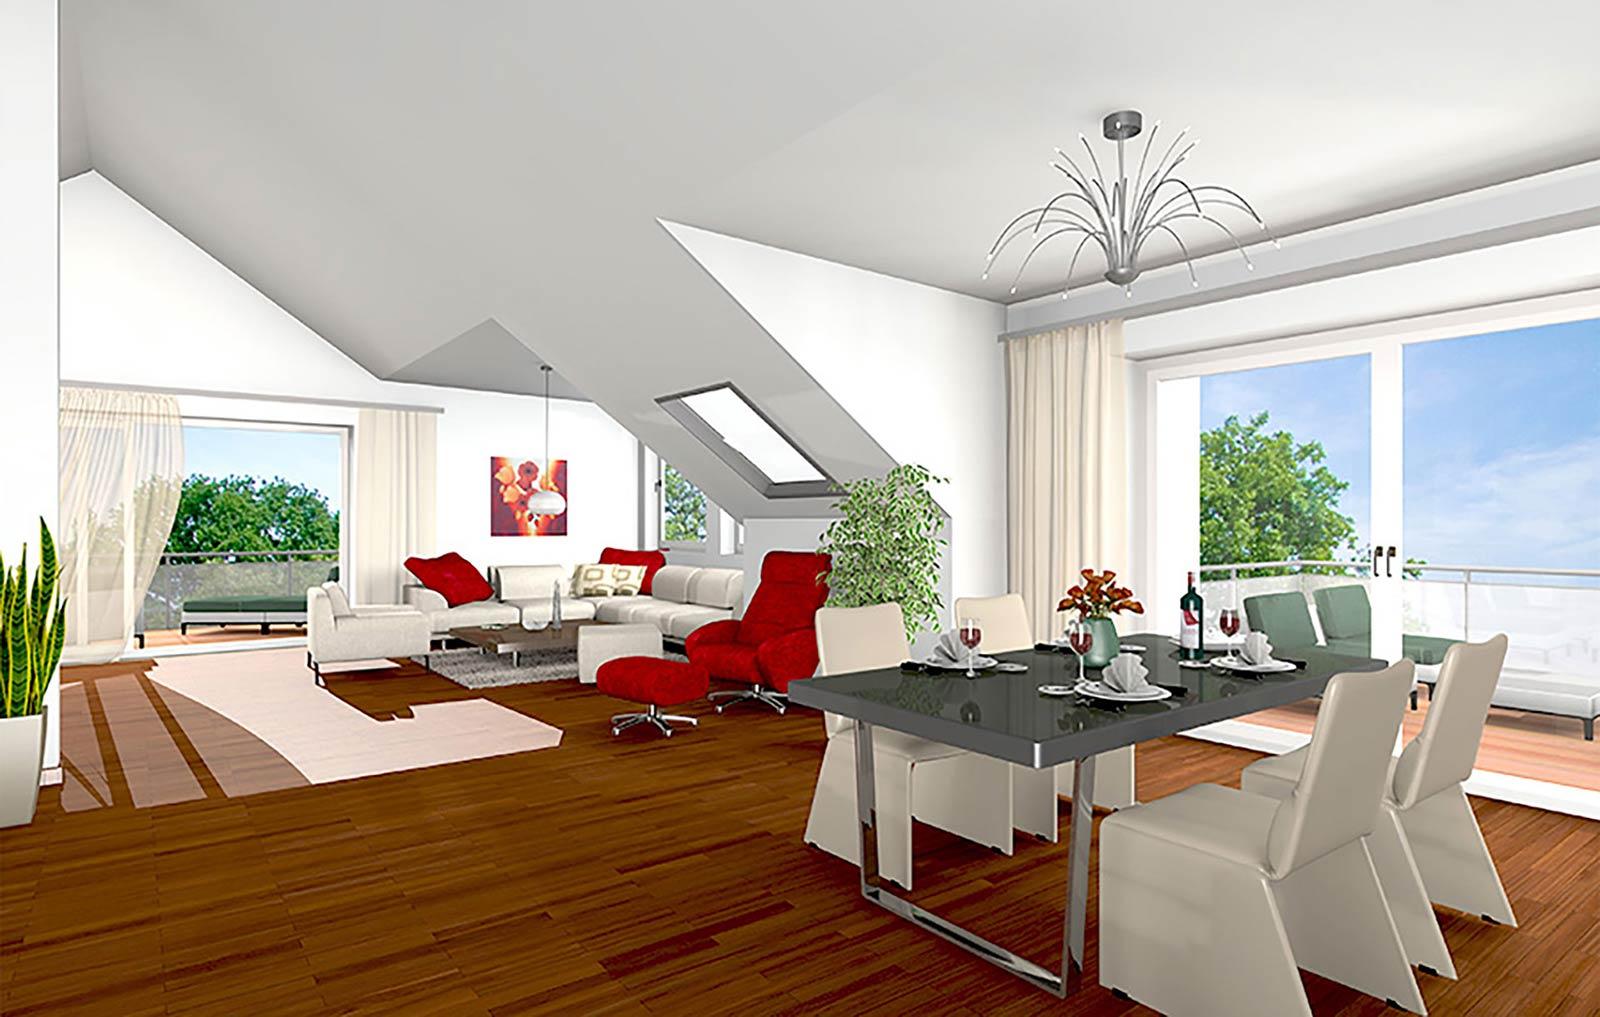 tischlersoftware edv pichler. Black Bedroom Furniture Sets. Home Design Ideas